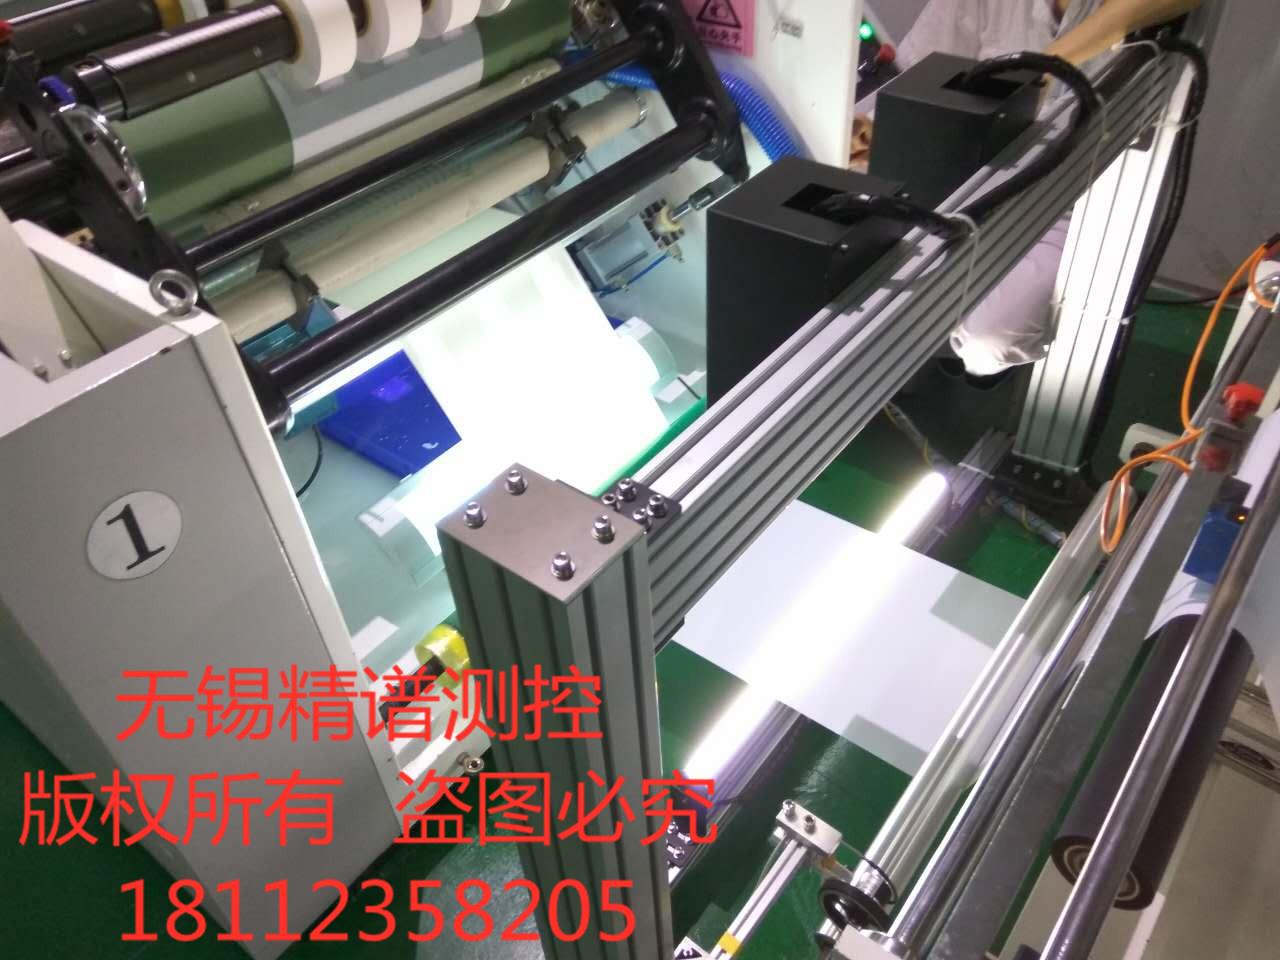 智能化光学薄膜在线瑕疵检测系统的原理及功能